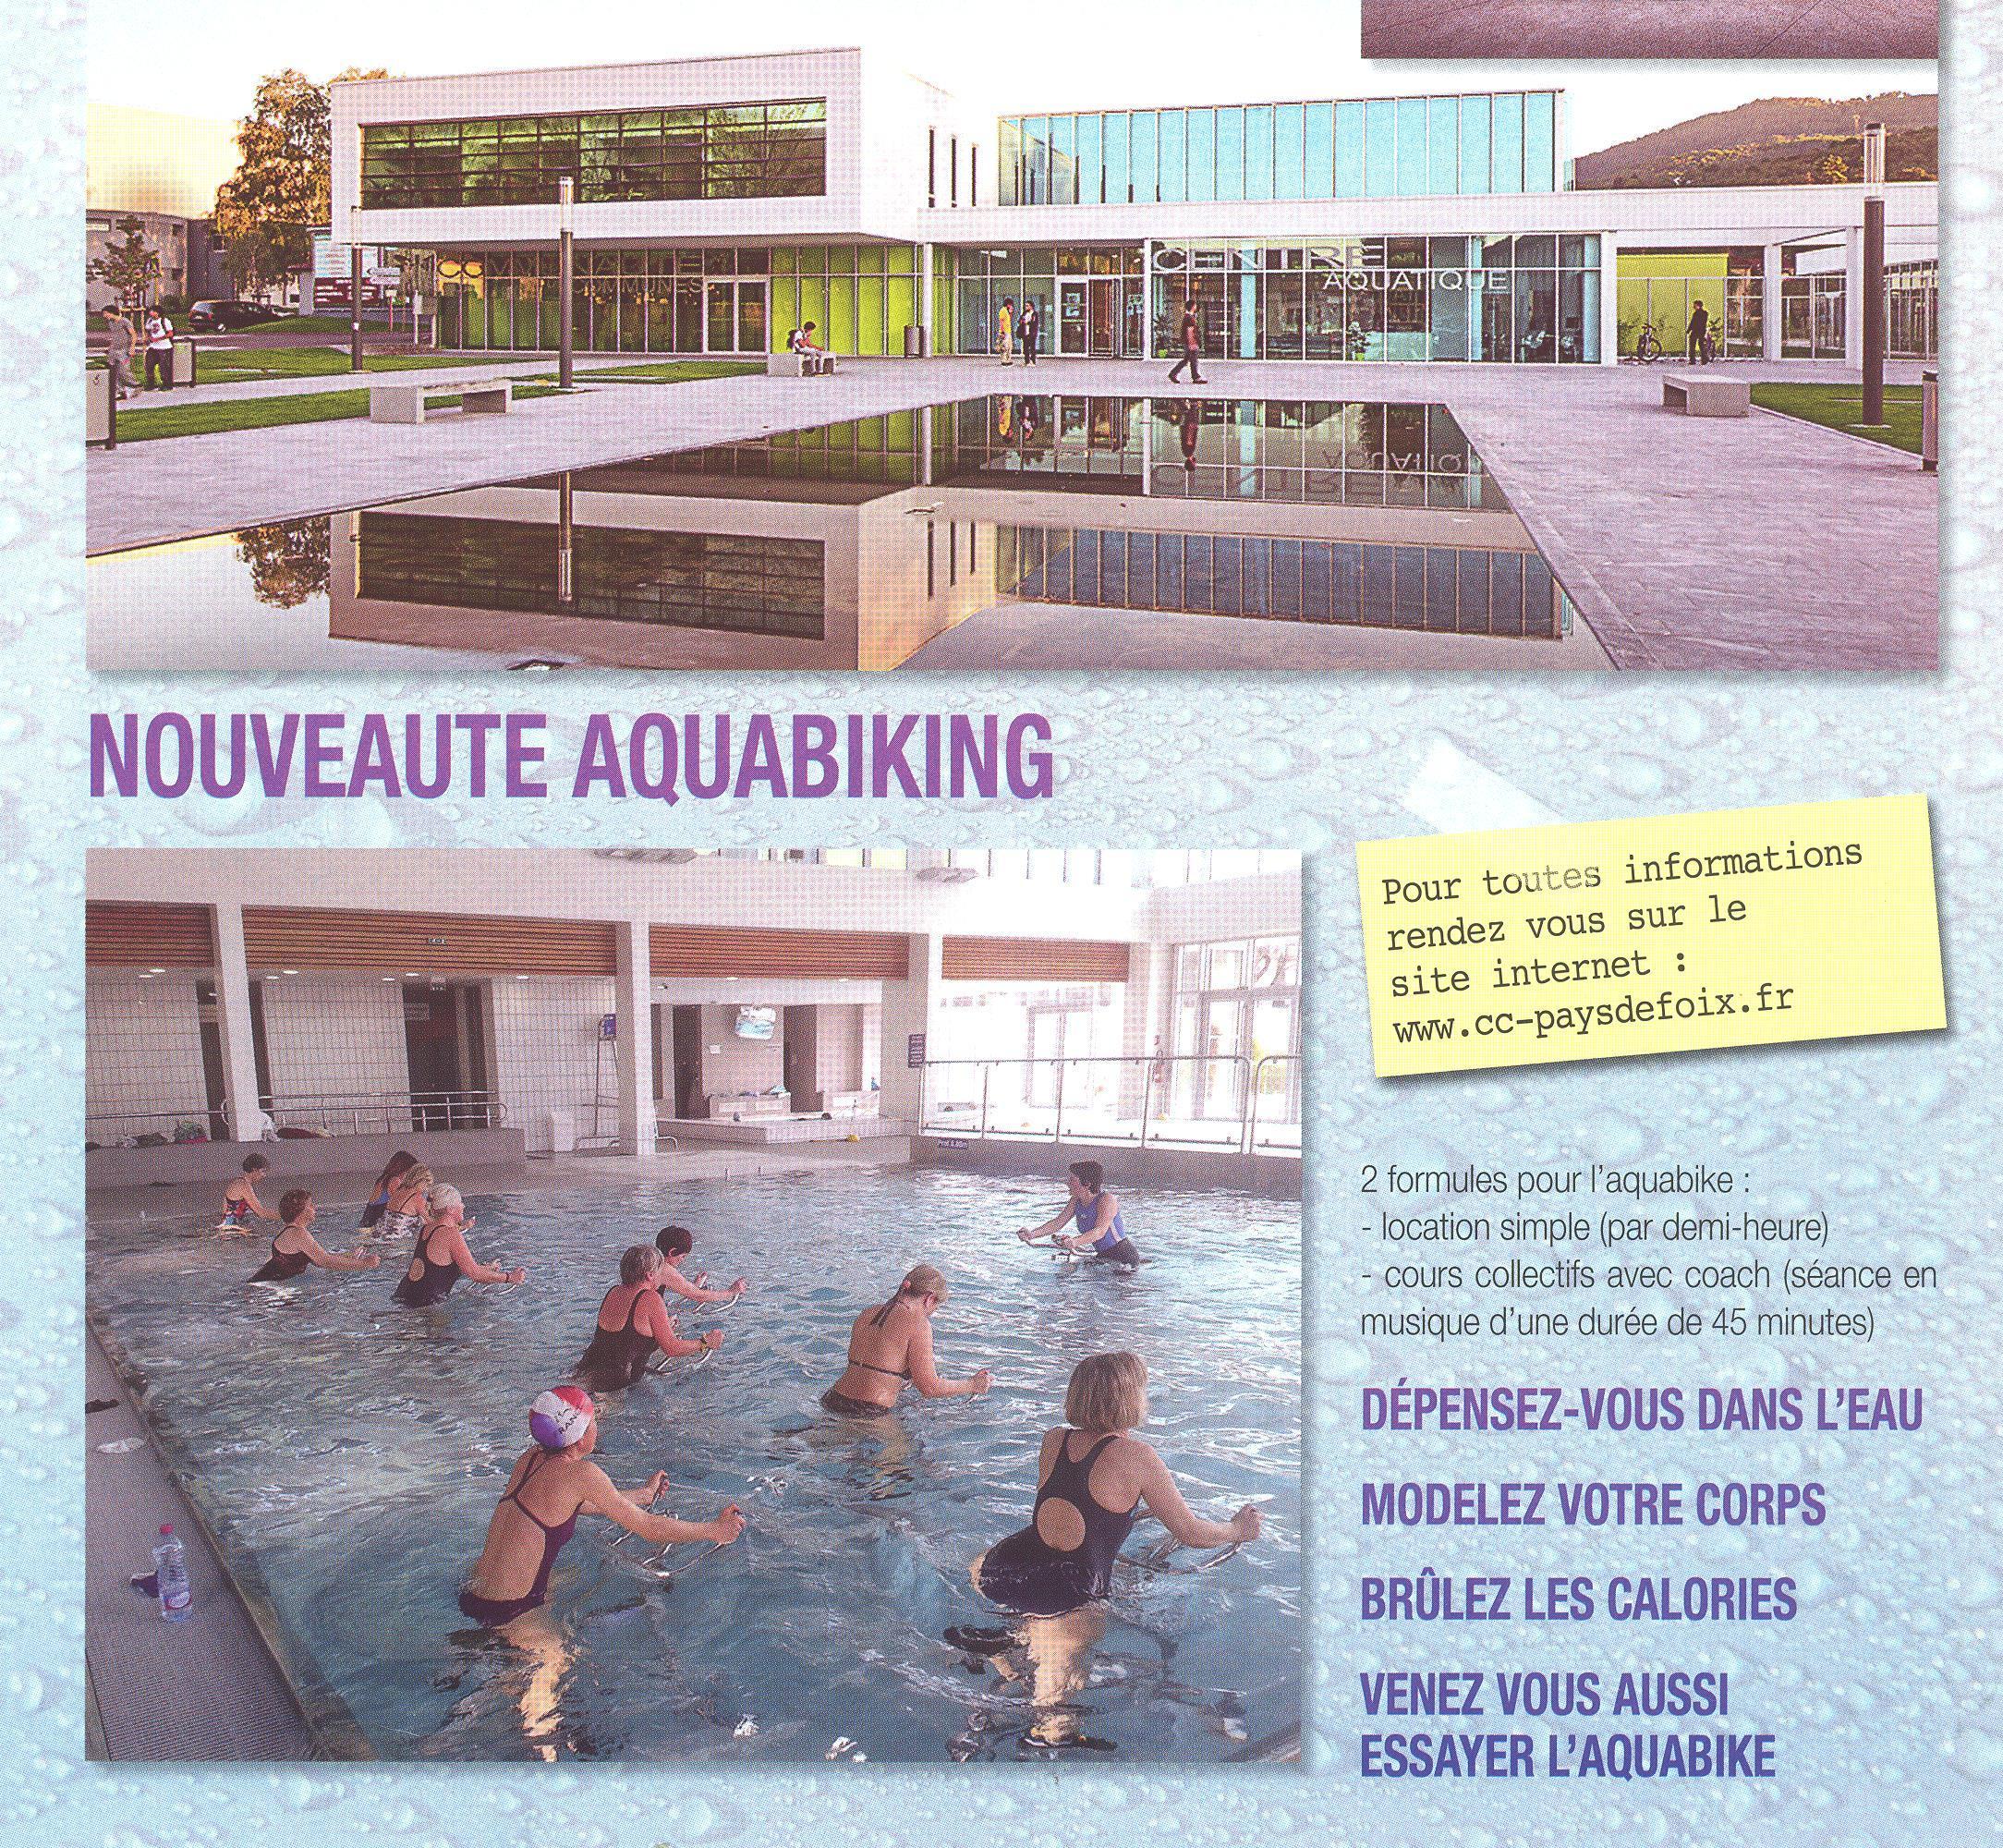 Foix en ari ge09 nouveaut la piscine de foix les g tes de ruffi en ari ge site de - Office de tourisme de foix ...